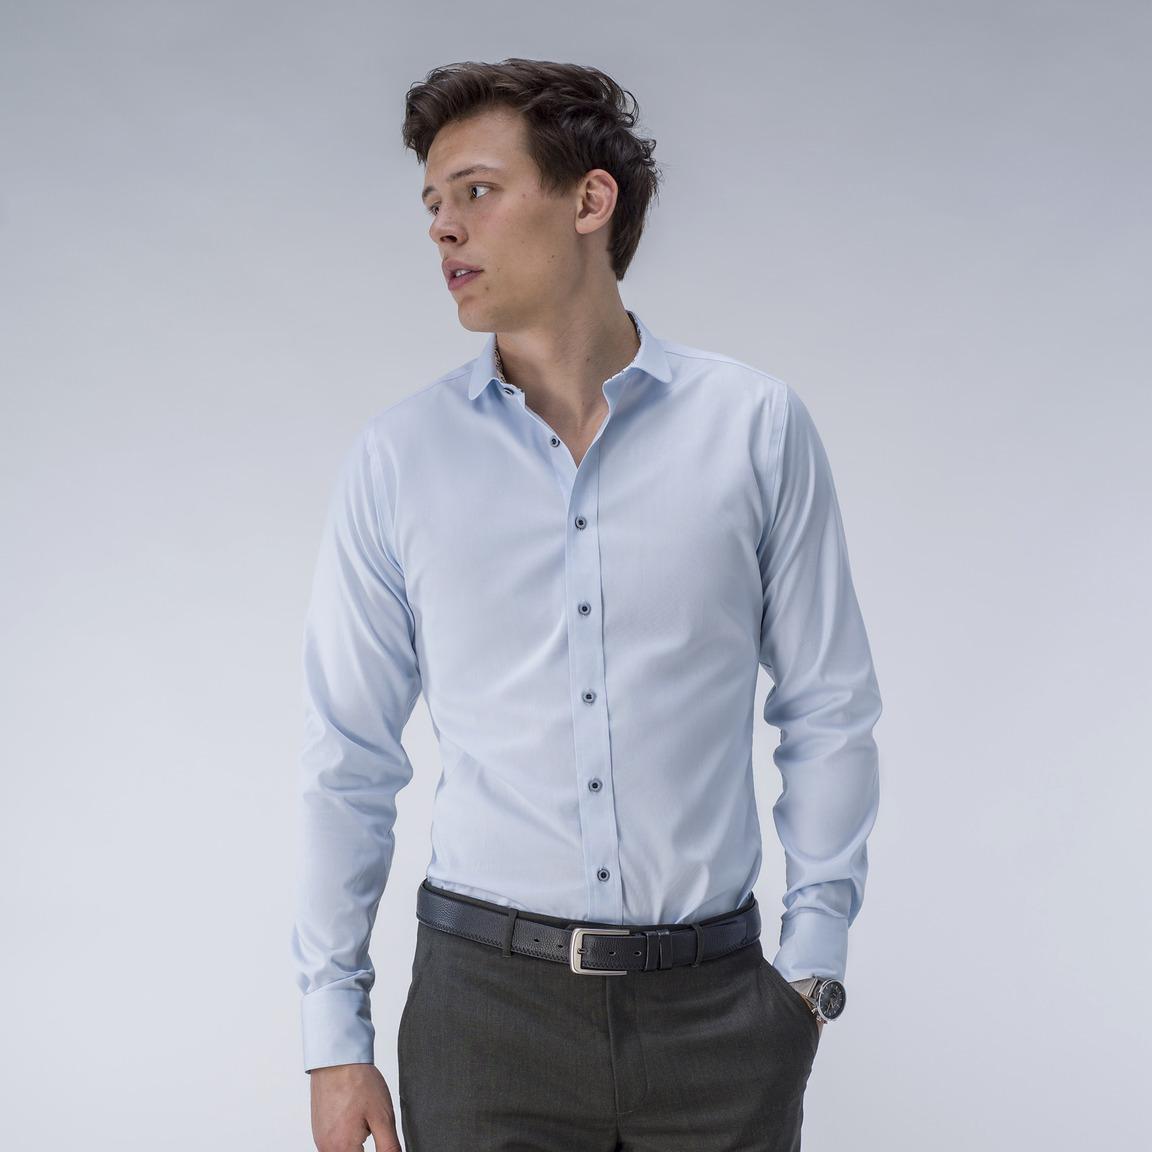 Ljusblå oxfordskjorta med kontraster